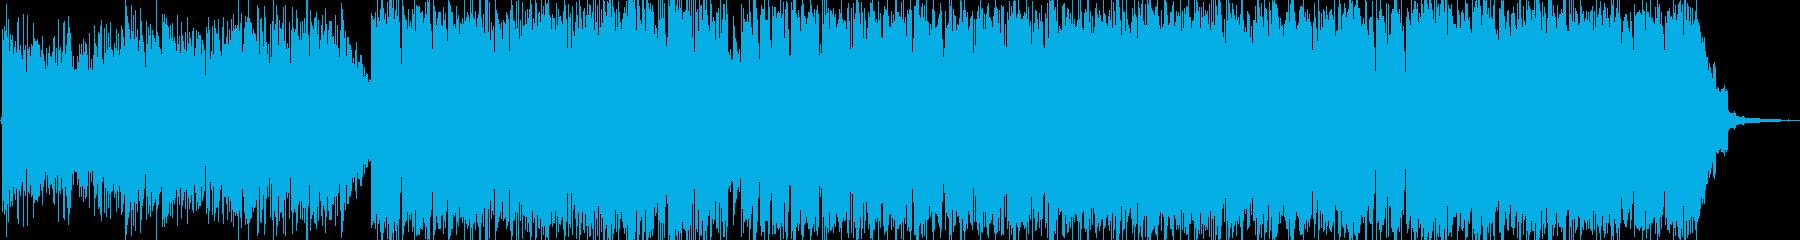 アコースティックギターのゆったりBGMの再生済みの波形